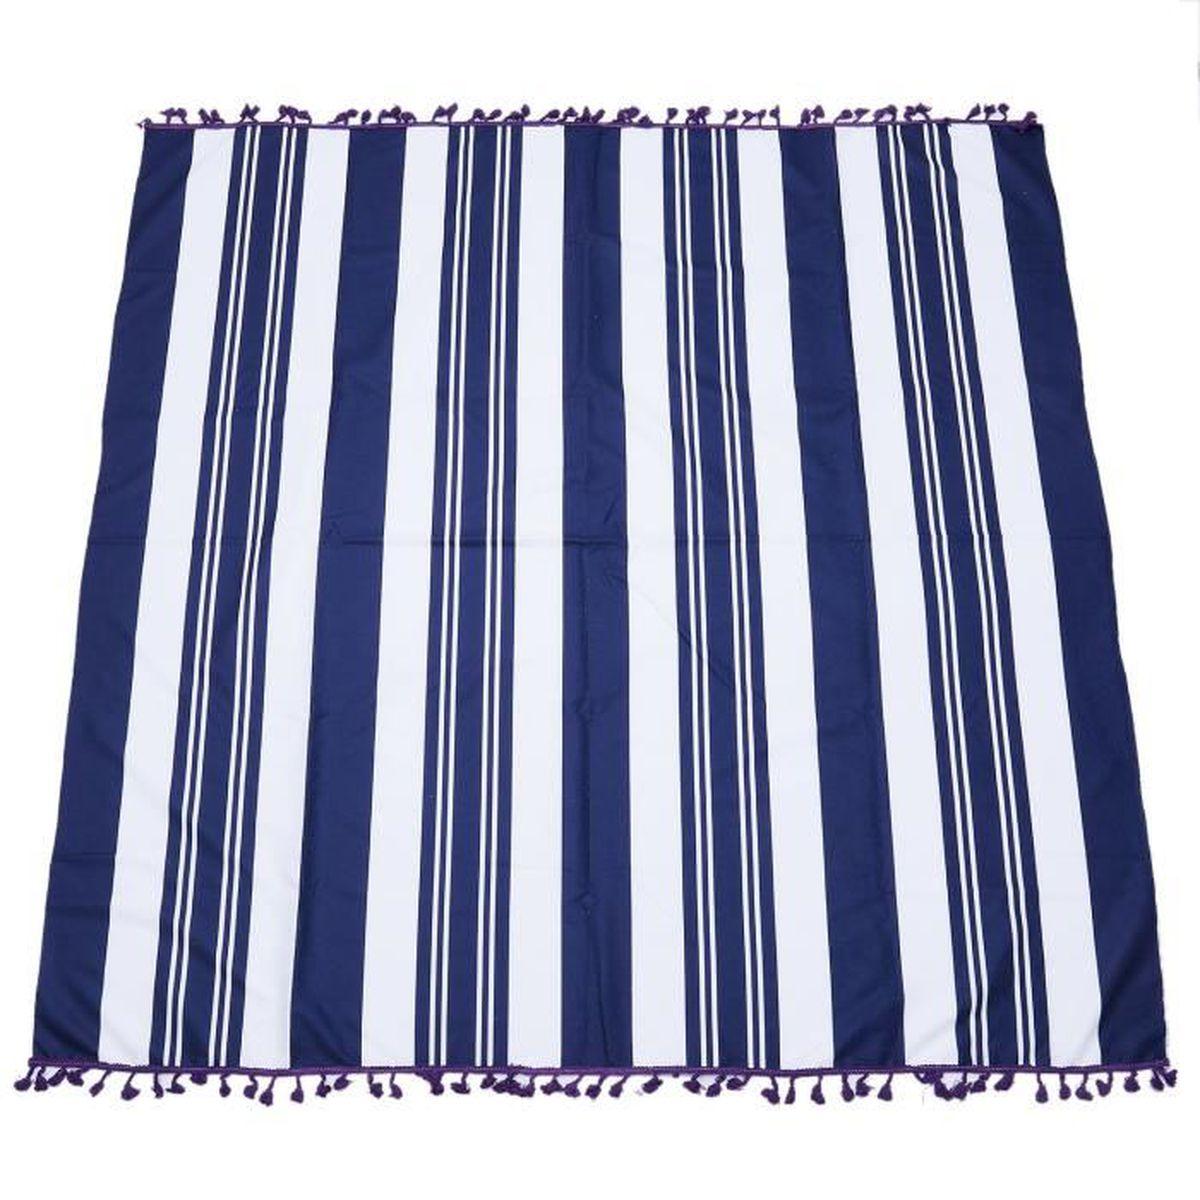 Tapis de yoga de corps de serviette de plage de rayure fine bleue et ...